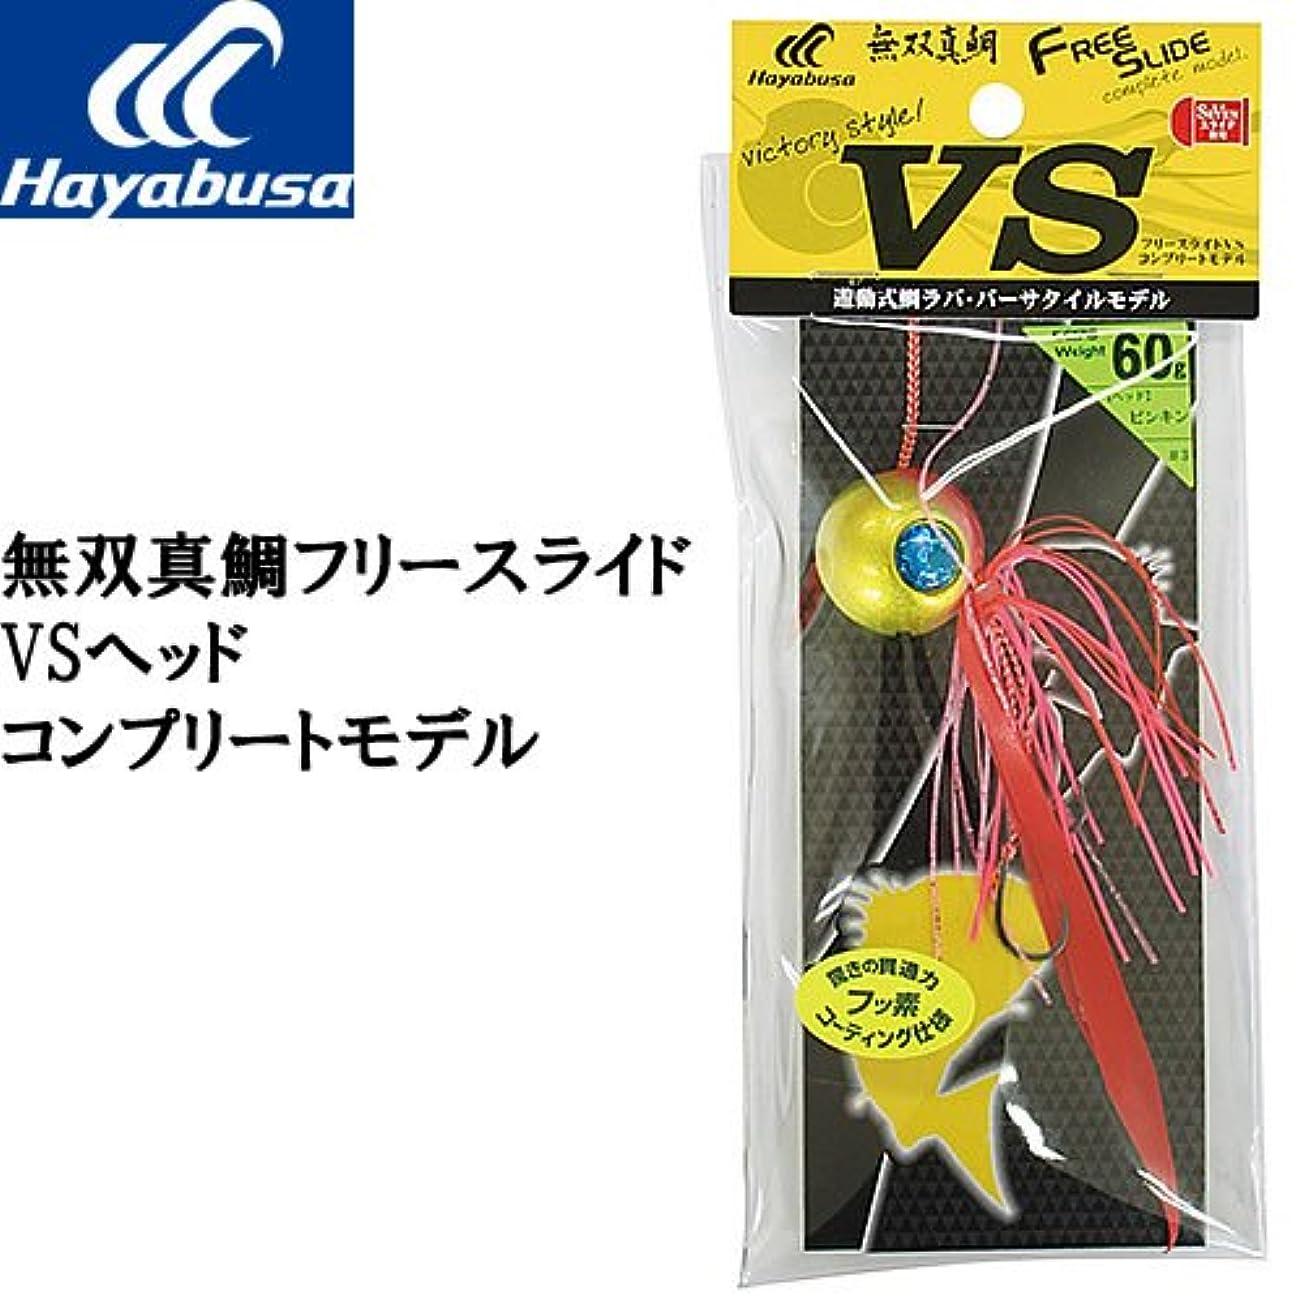 透明にやろうブラインドハヤブサ(Hayabusa) メタルジグ ルアー 無双真鯛フリースライド VSヘッド コンプリートモデル 120g オレンジ #4 SE170